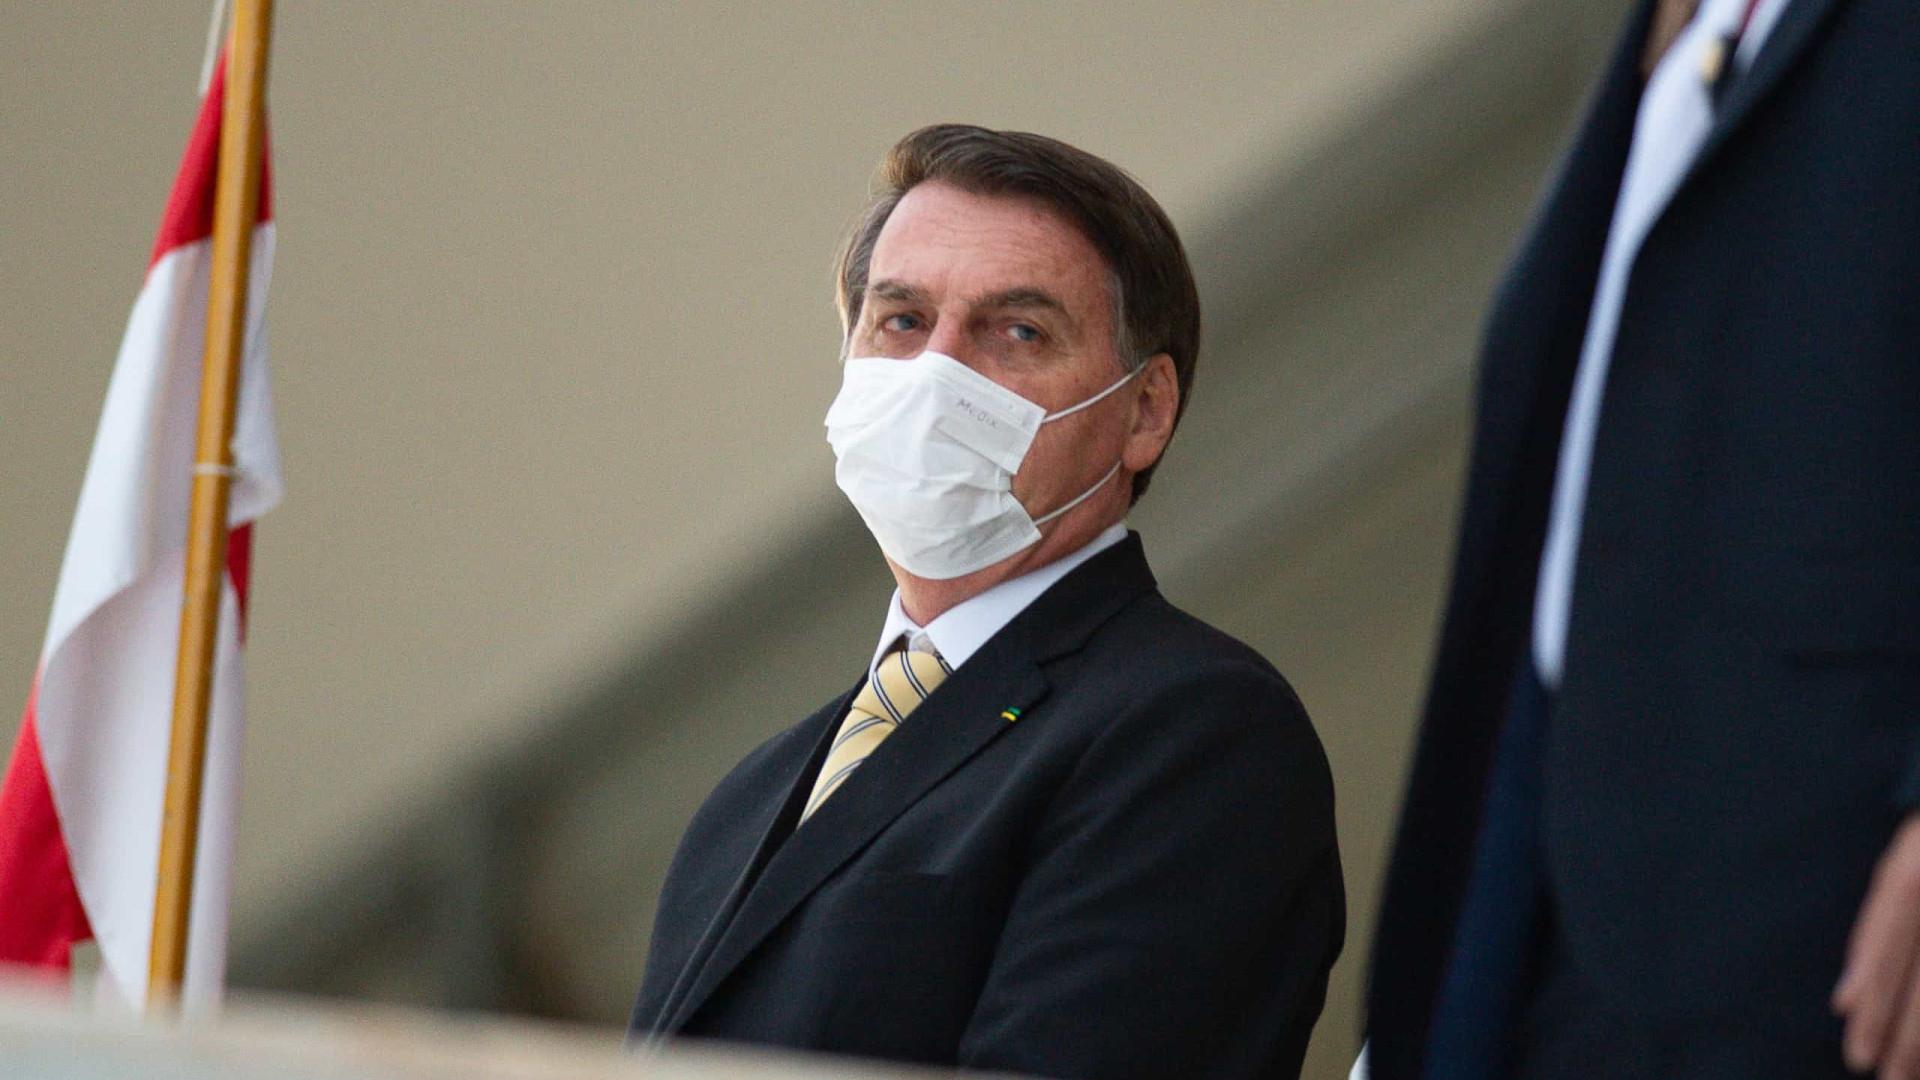 Com febre, Bolsonaro fará novo exame para detectar covid-19